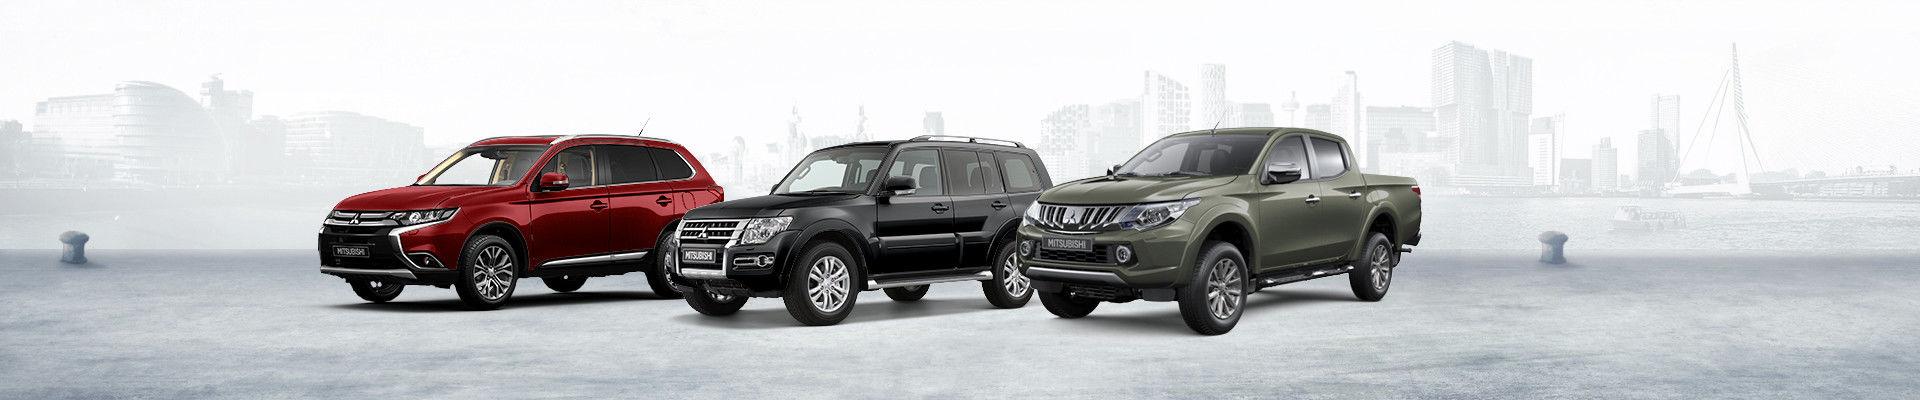 Quickmotor Madrid, Concesionario Oficial Mitsubishi Motors en Madrid